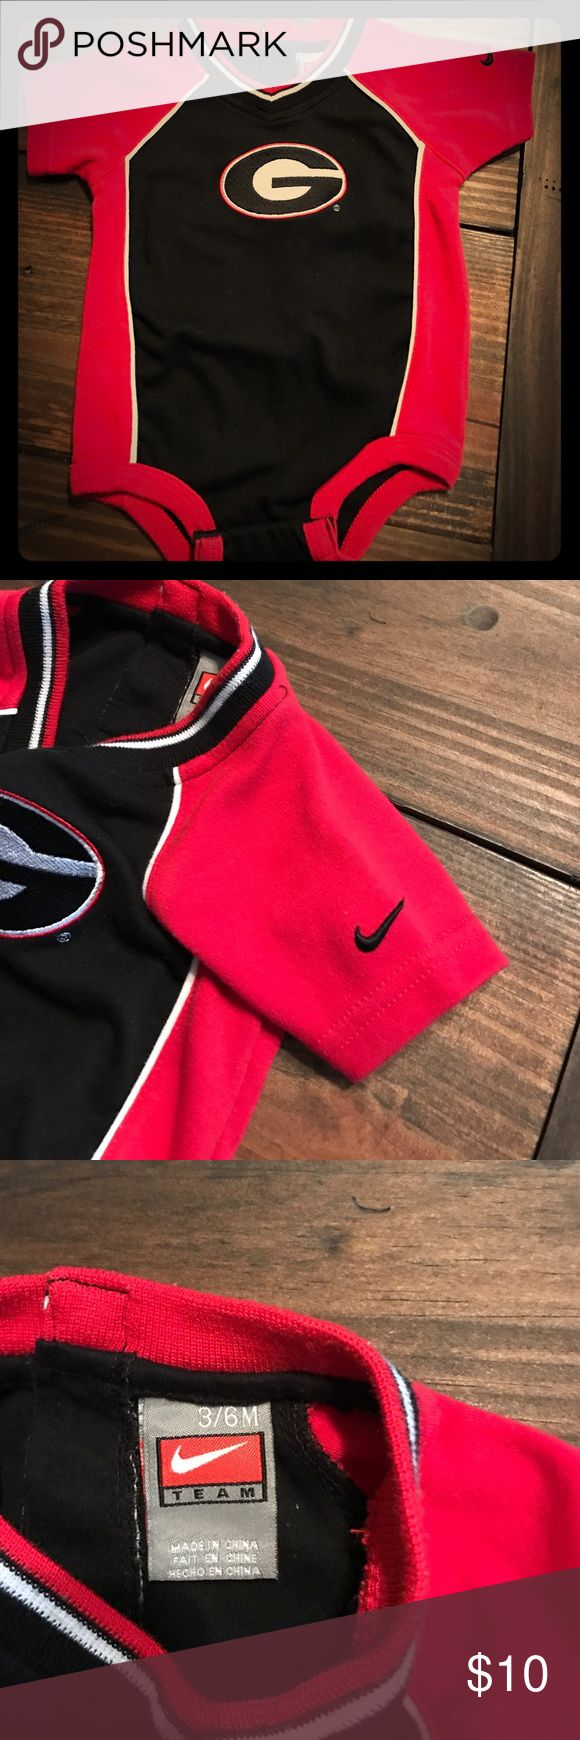 UGA Nike Onesie Georgia Bulldogs UGA Nike baby Onesie 3/6m wore few times. I excellent condition Nike One Pieces Bodysuits